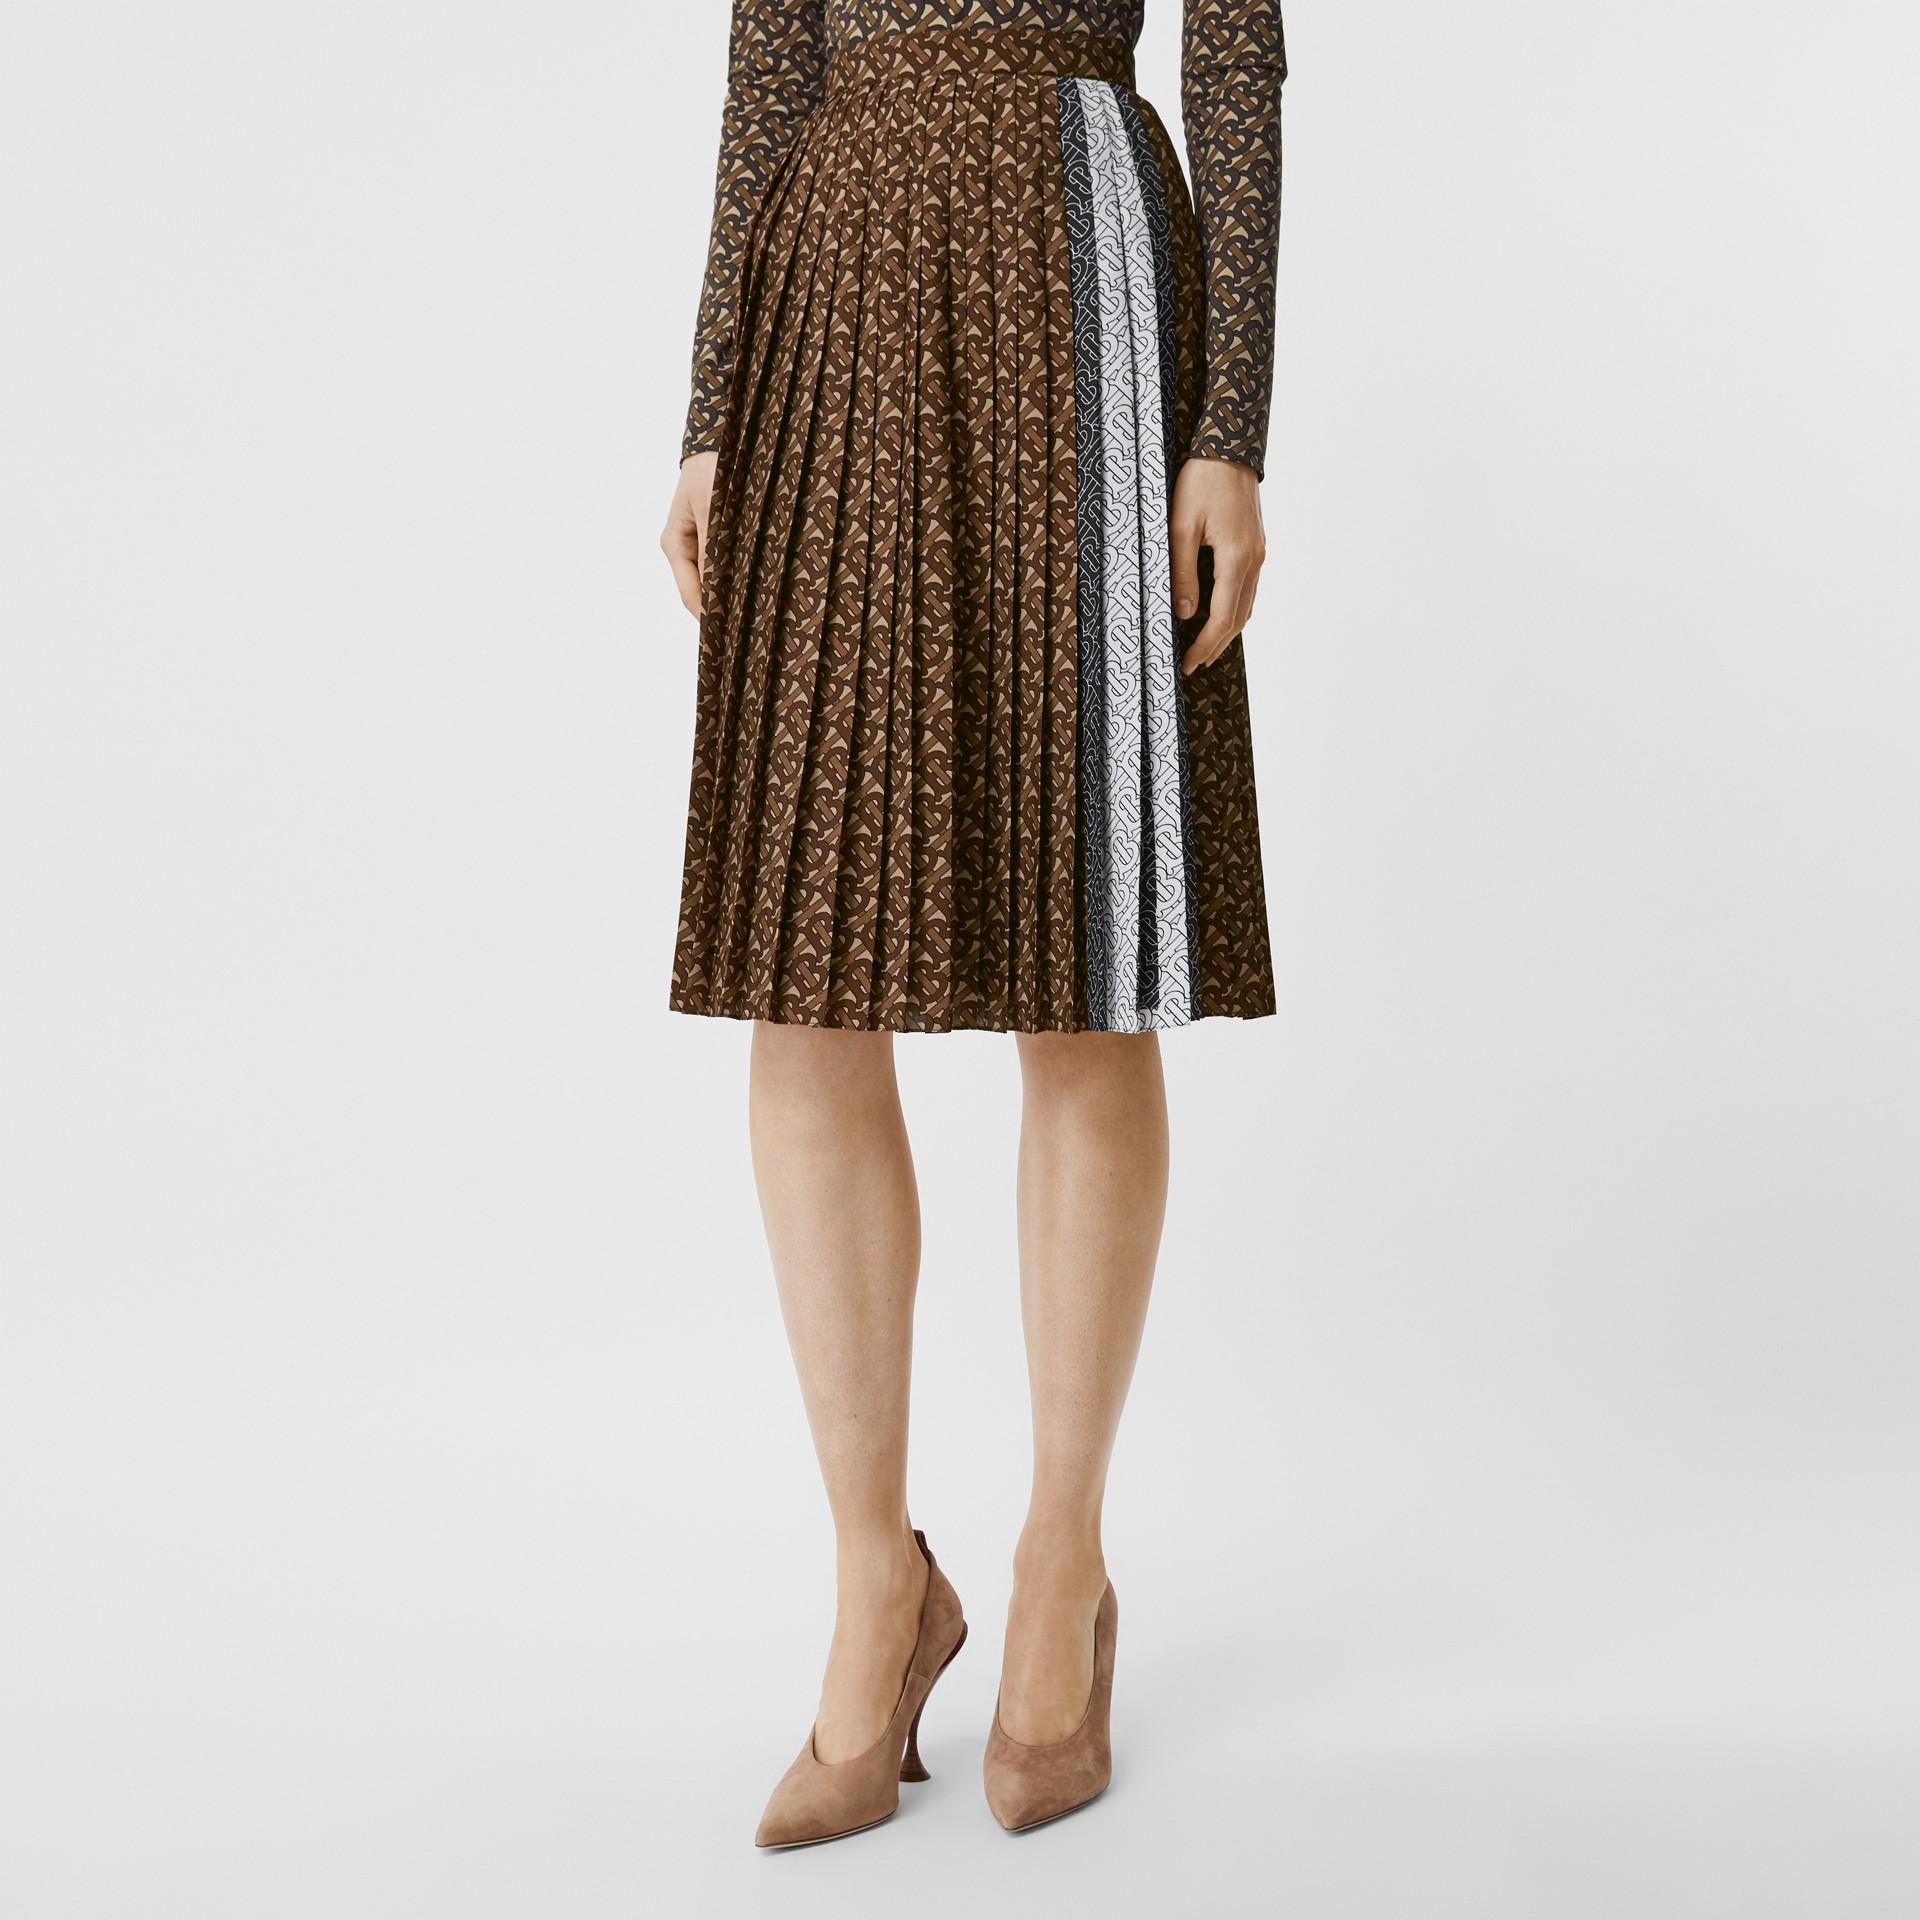 Falda plisada en crepé con estampado de rayas y monogramas (Moca Oscuro) - Mujer | Burberry - imagen de la galería 4